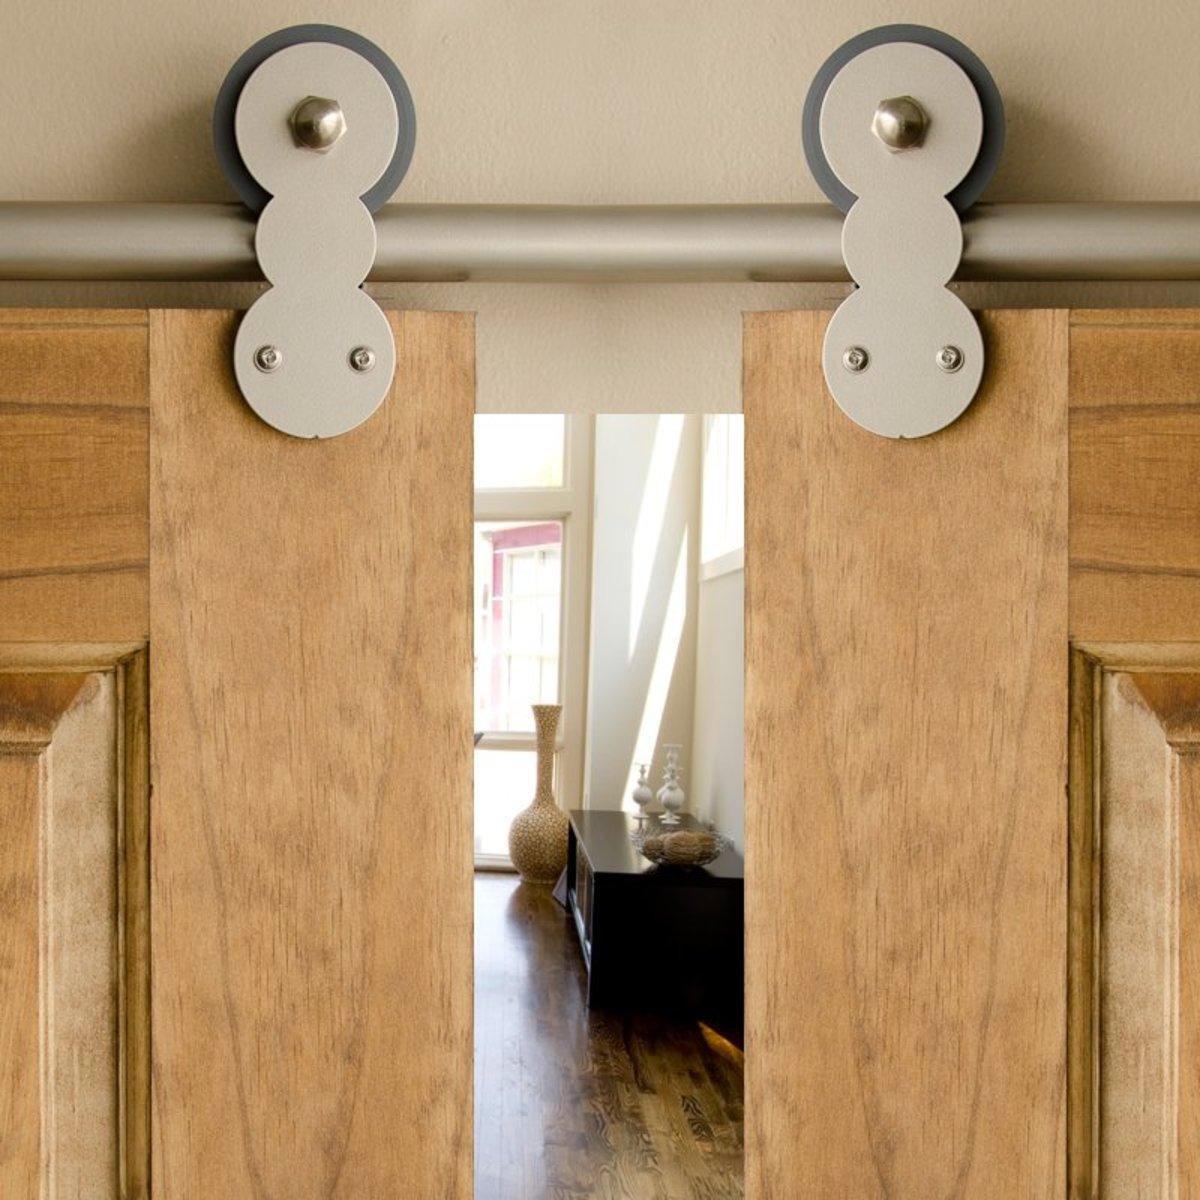 Double rolling barn door hardware